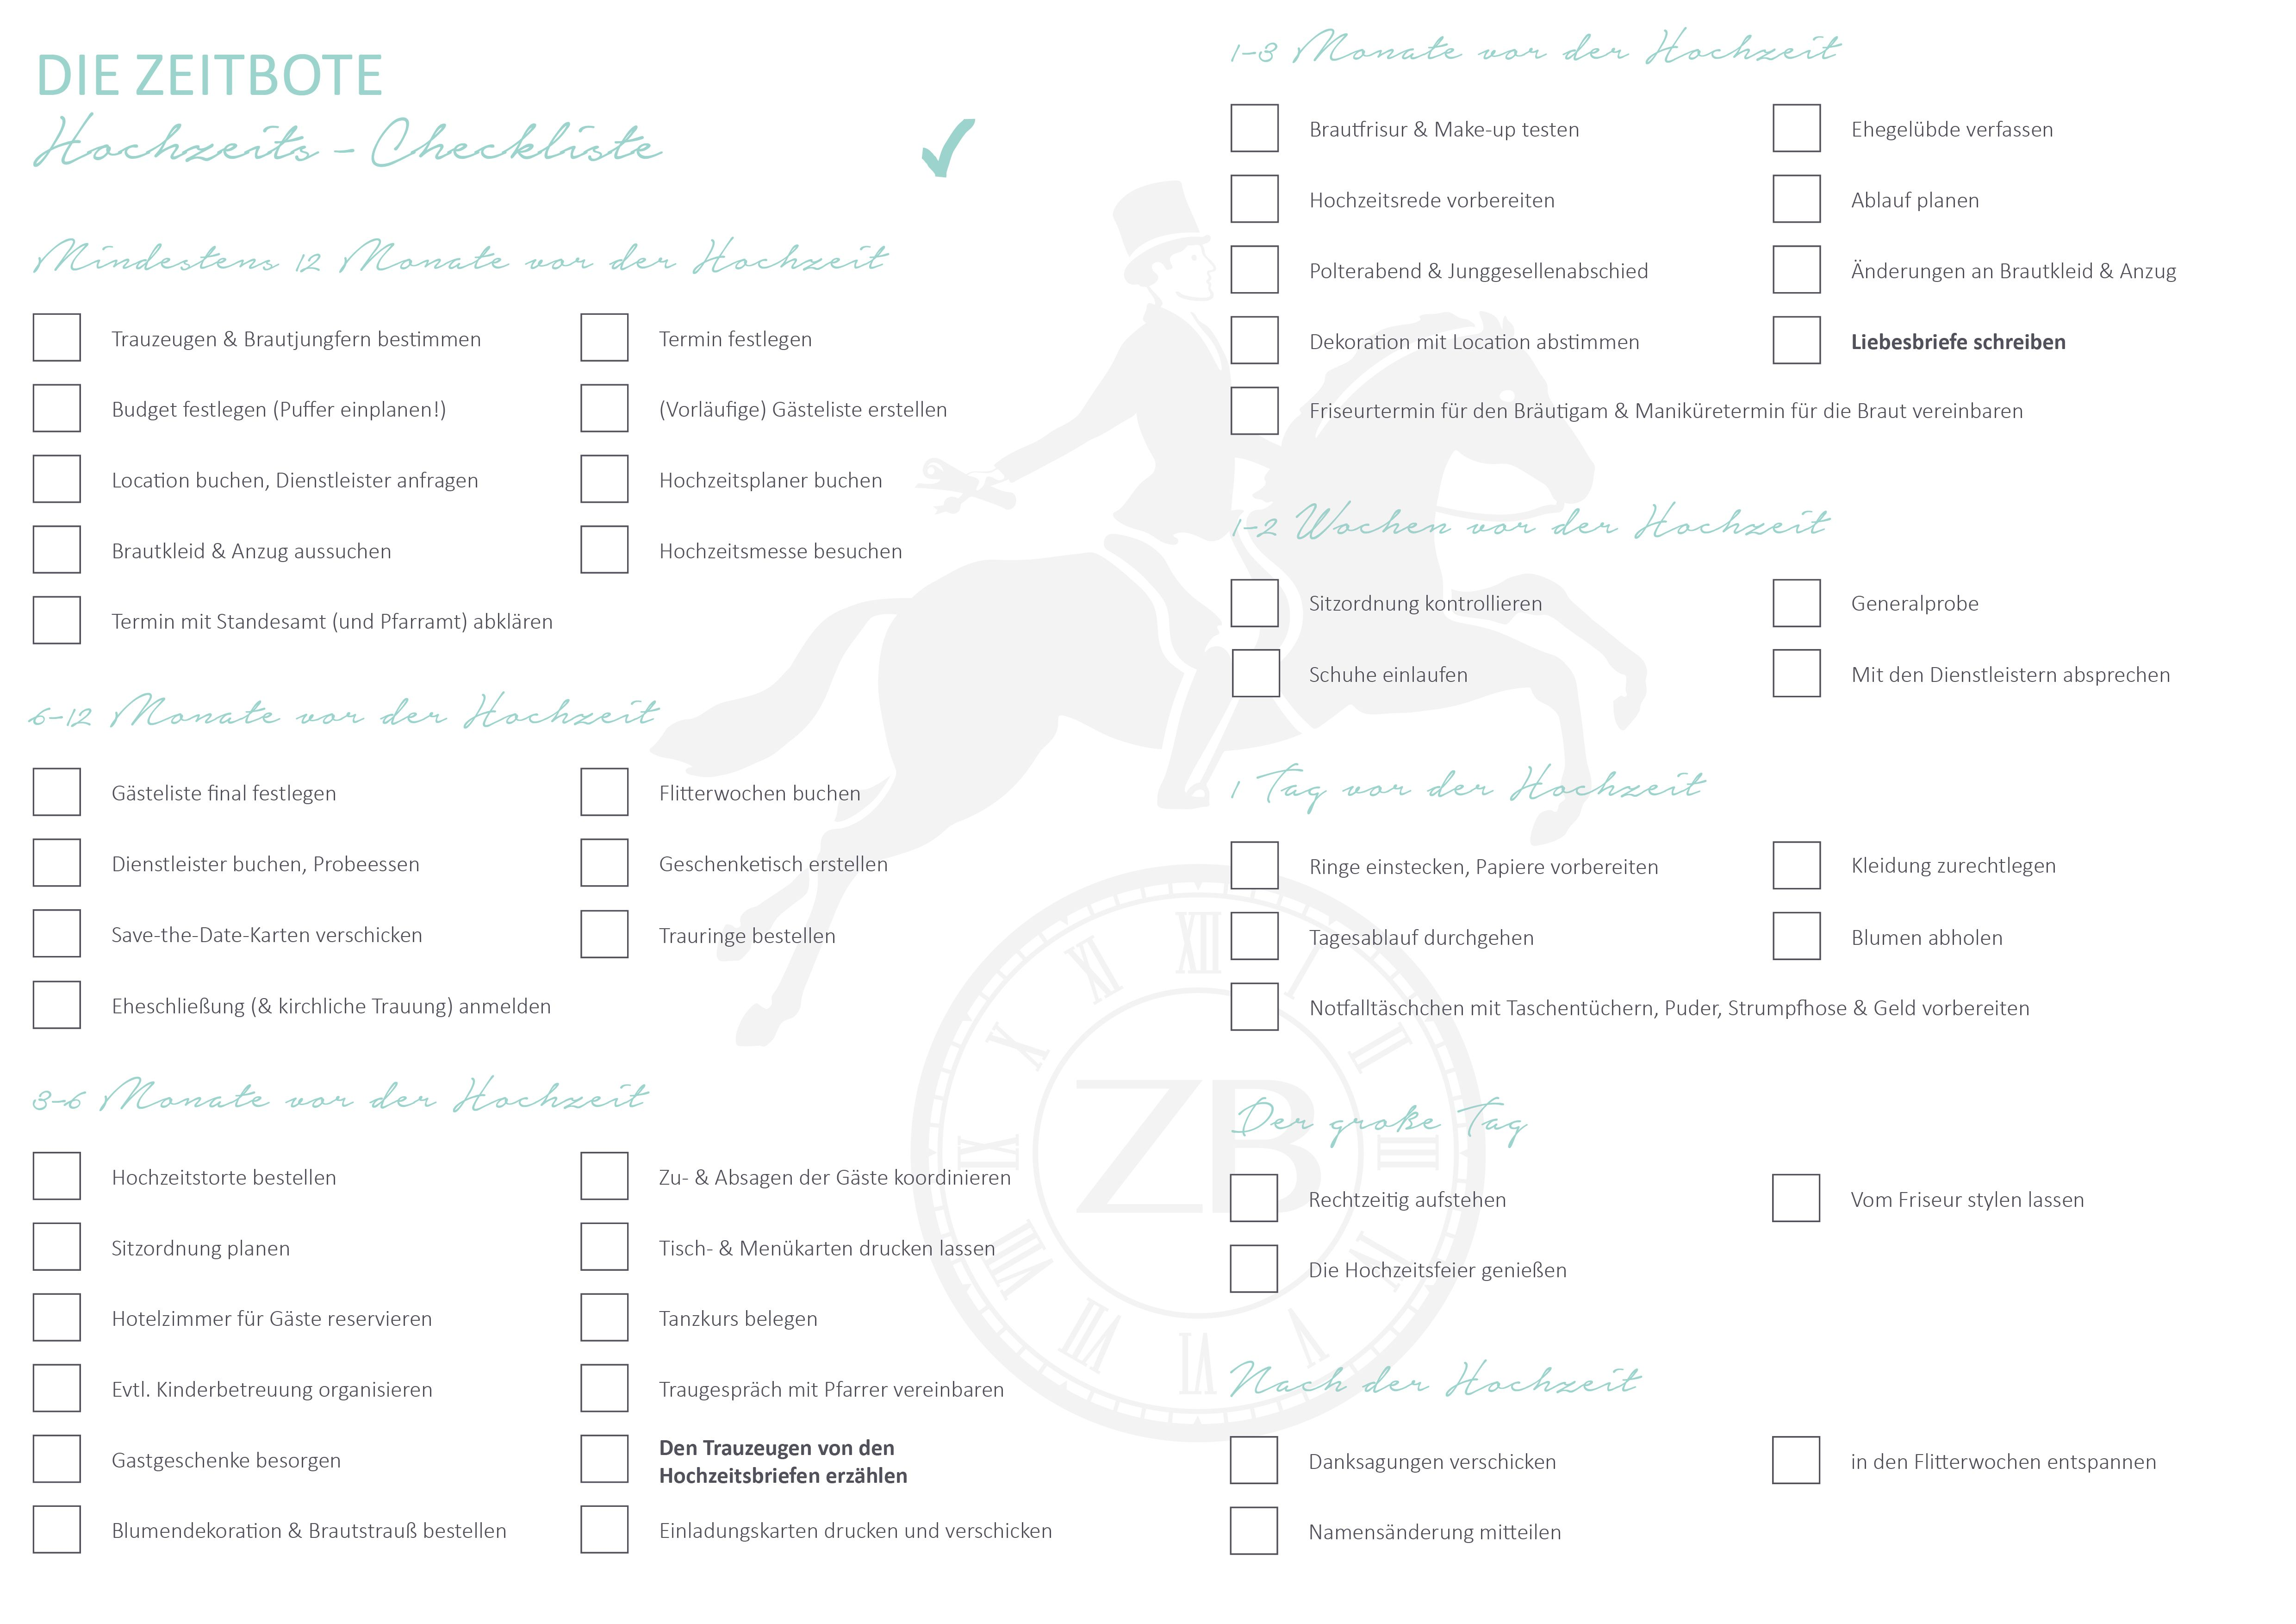 Gemütlich Erstellen Einer Budgetvorlage Galerie - Entry Level Resume ...